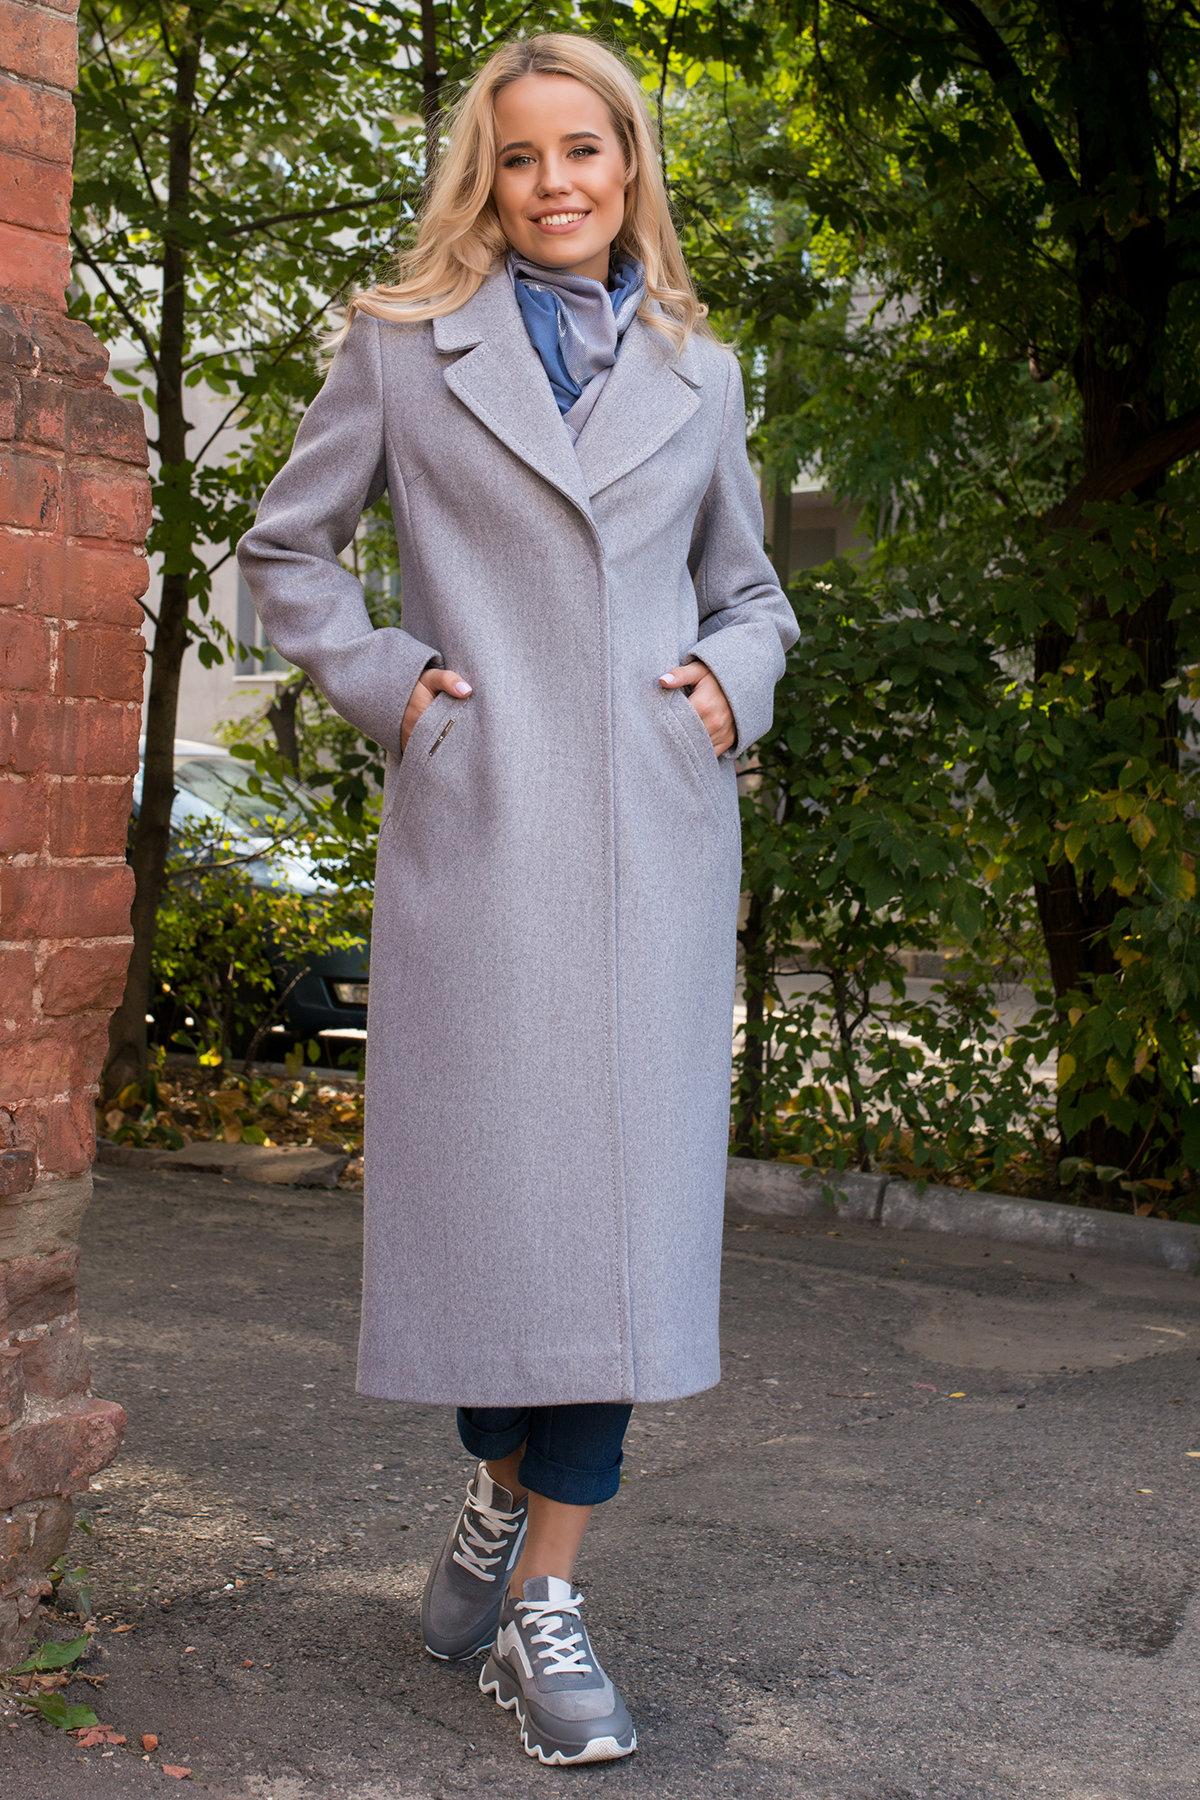 Демисезонное пальто удлиненное Миссури макси 6398 АРТ. 41317 Цвет: Серый 20 - фото 3, интернет магазин tm-modus.ru